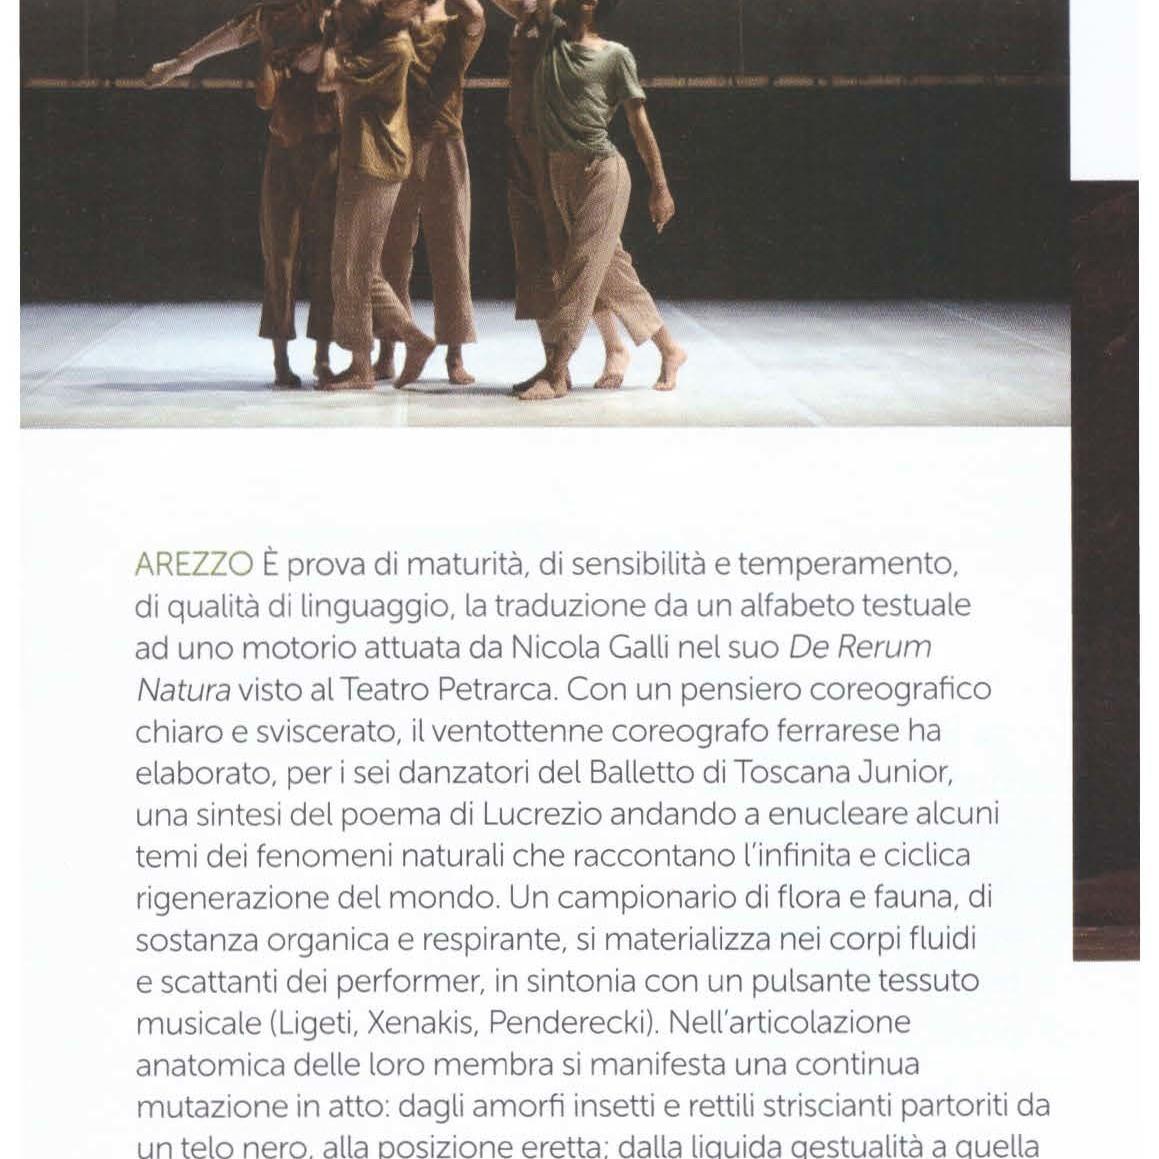 Recensione / De rerum natura / Nicola Galli / Giuseppe Distefano Danza&Danza - maggio/giugno 2018